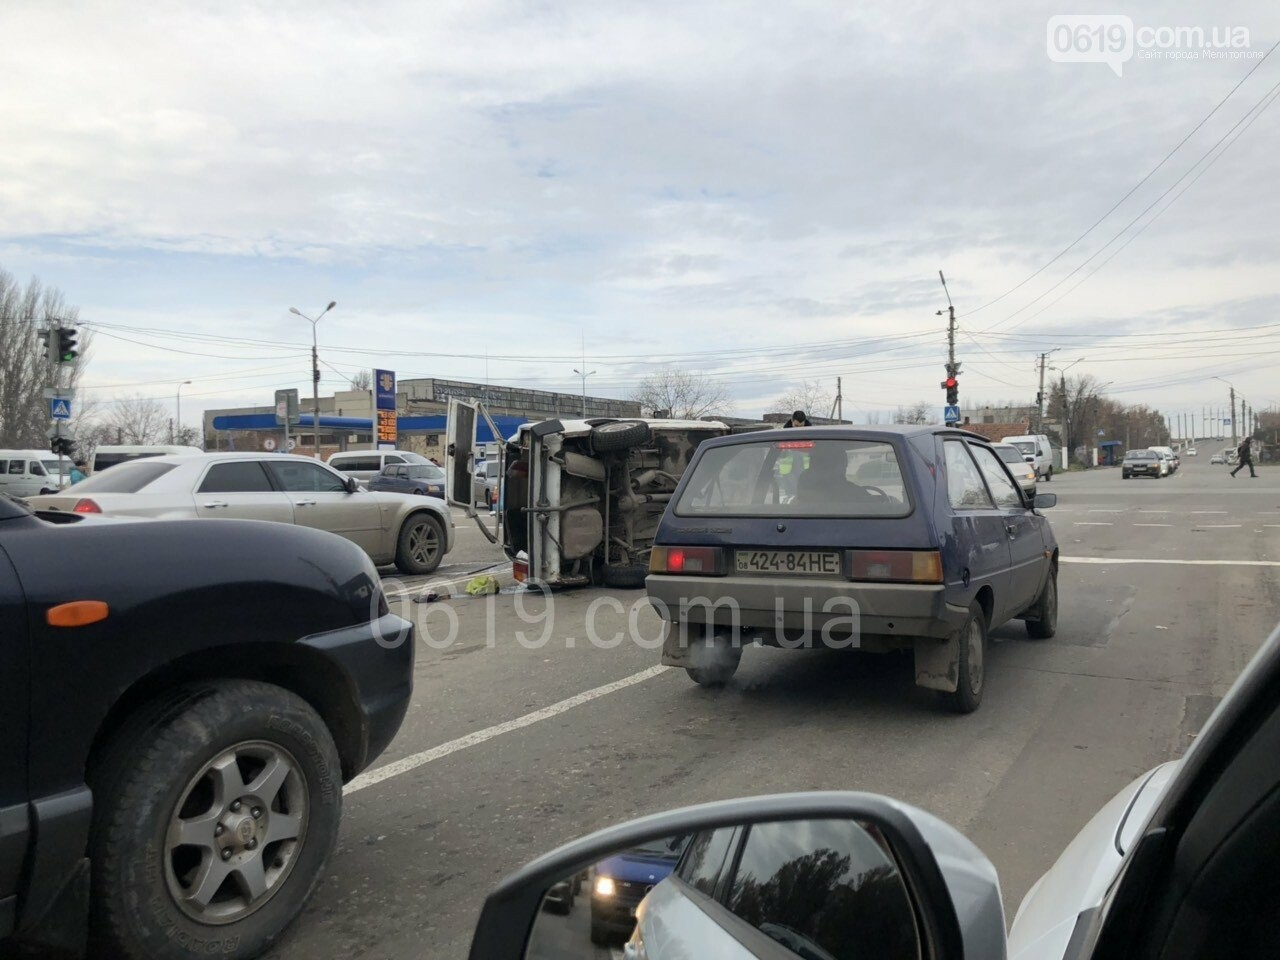 В Мелитополе в результате ДТП перевернулся автомобиль, - ФОТО, фото-2